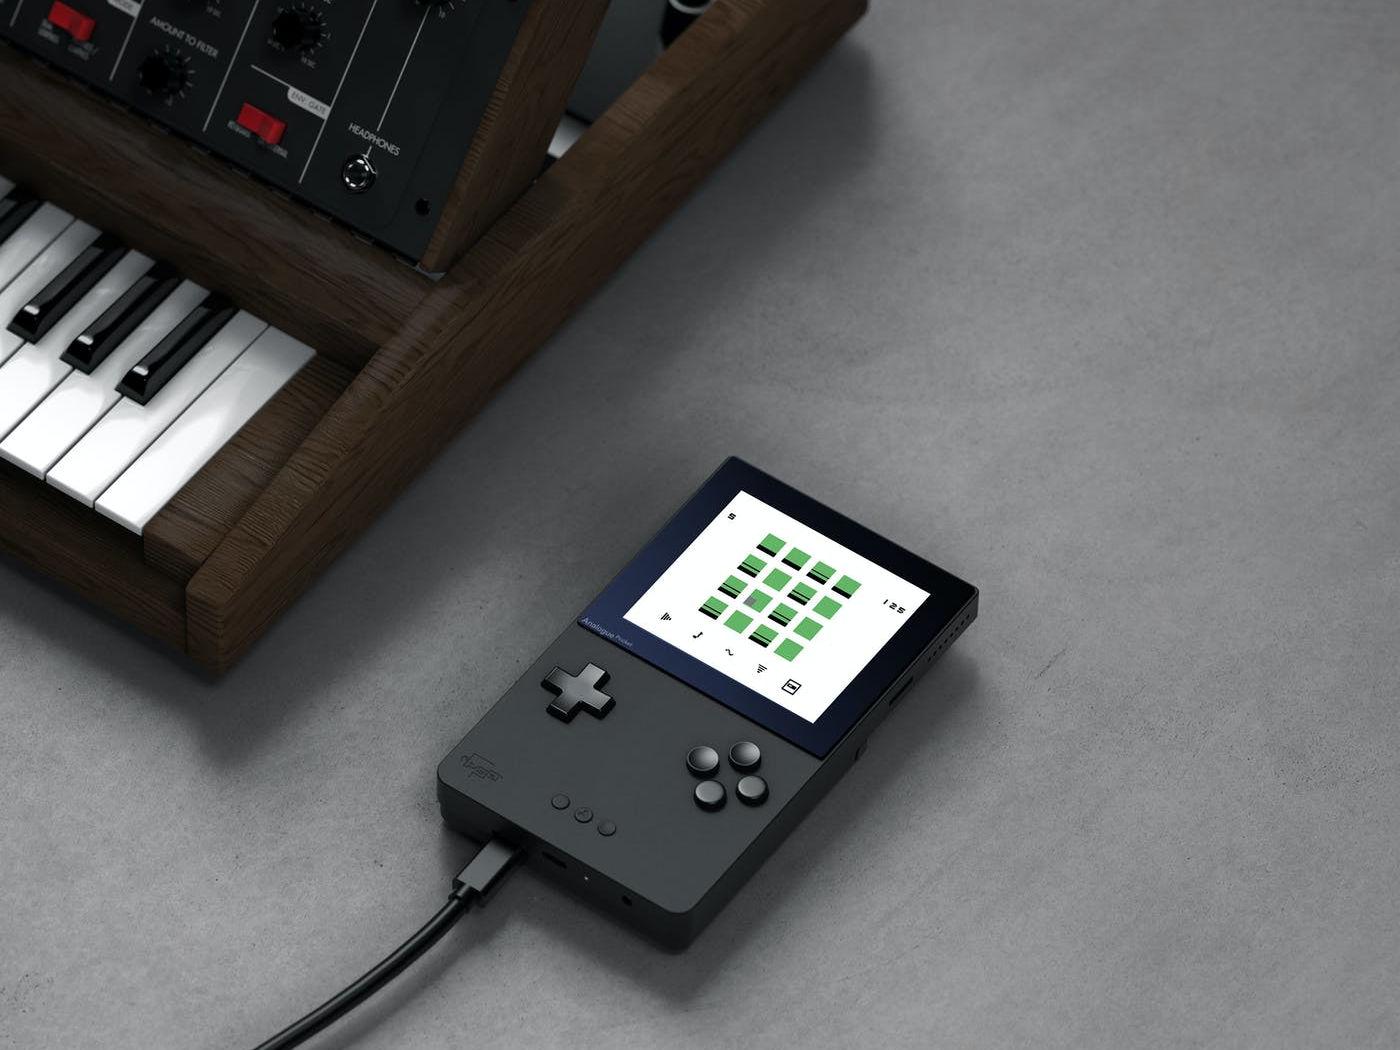 Game Boy для музыкантов: начался сбор предзаказов на карманную музыкальную игровую консоль Analogue Pocket